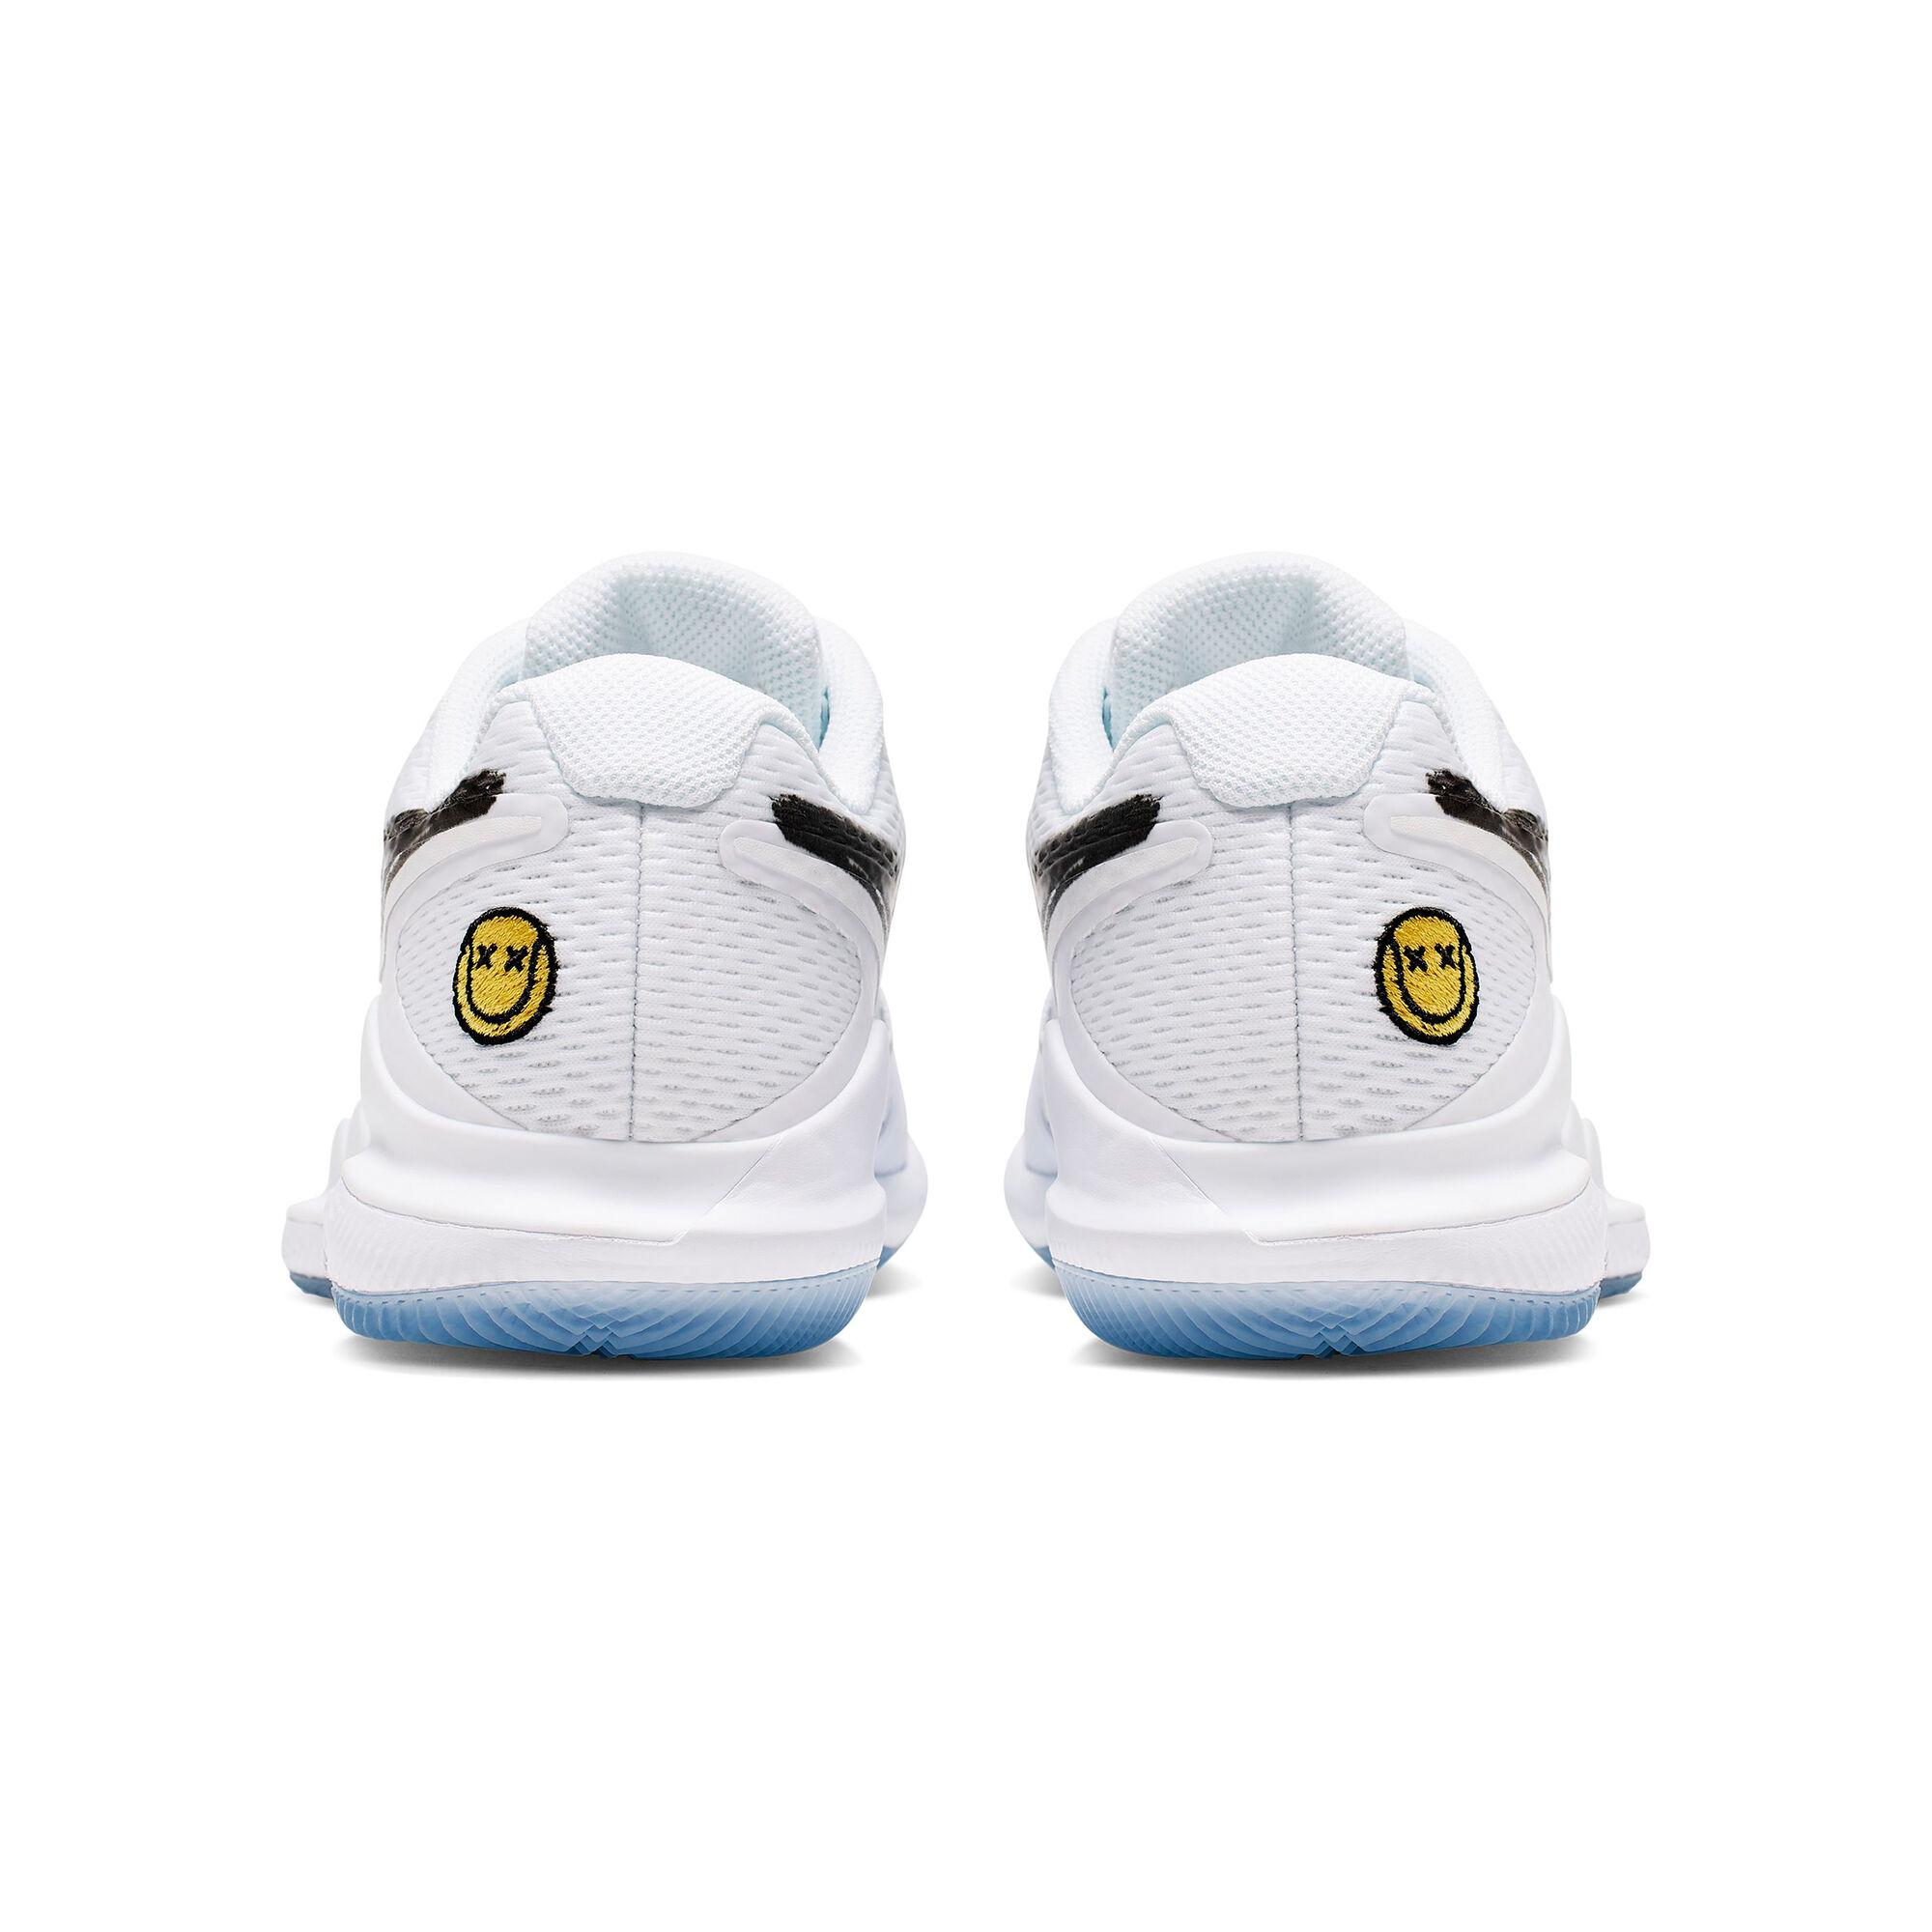 202124bd Nike Air Zoom Vapor X Allcourt-sko Damer - Hvid, Sort køb online ...